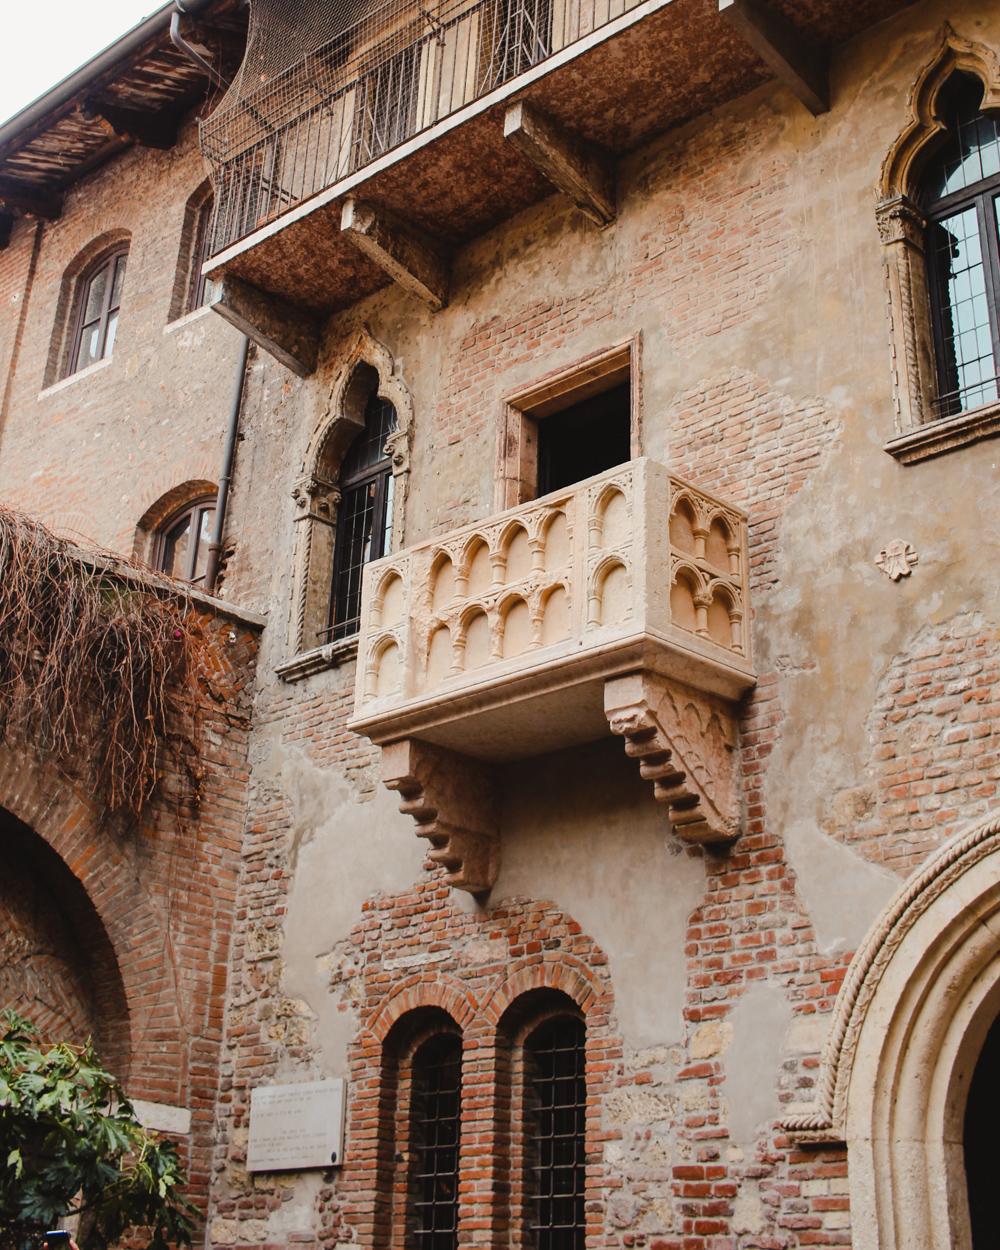 Juliet's balcony Verona